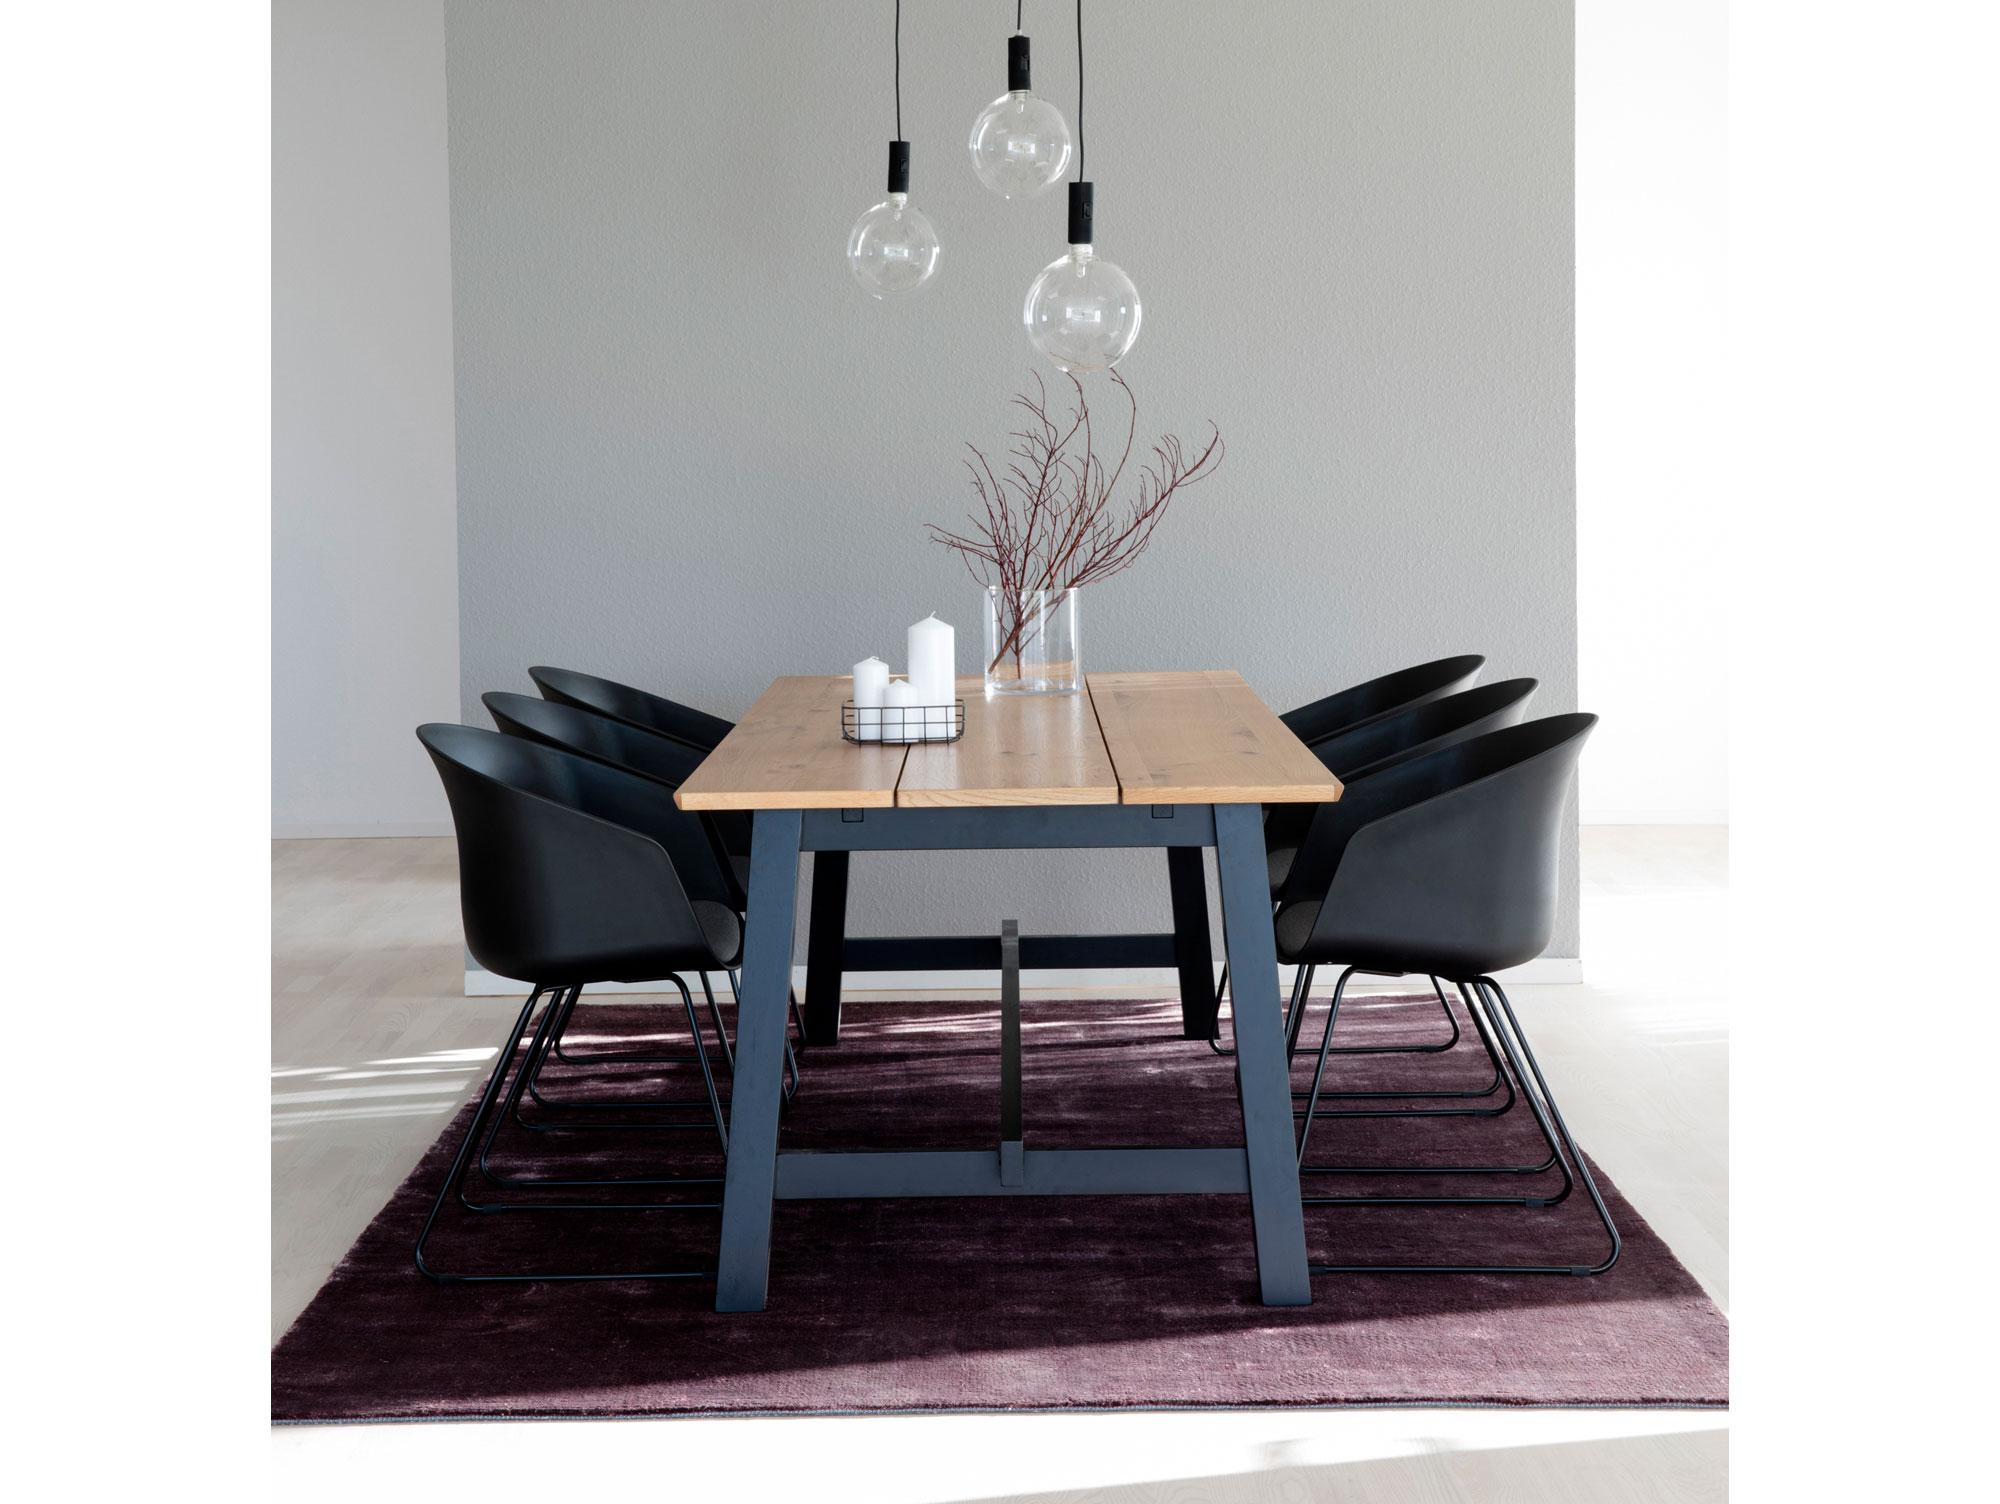 elena esstisch 220x95 cm wildeiche furniert mdf schwarz. Black Bedroom Furniture Sets. Home Design Ideas